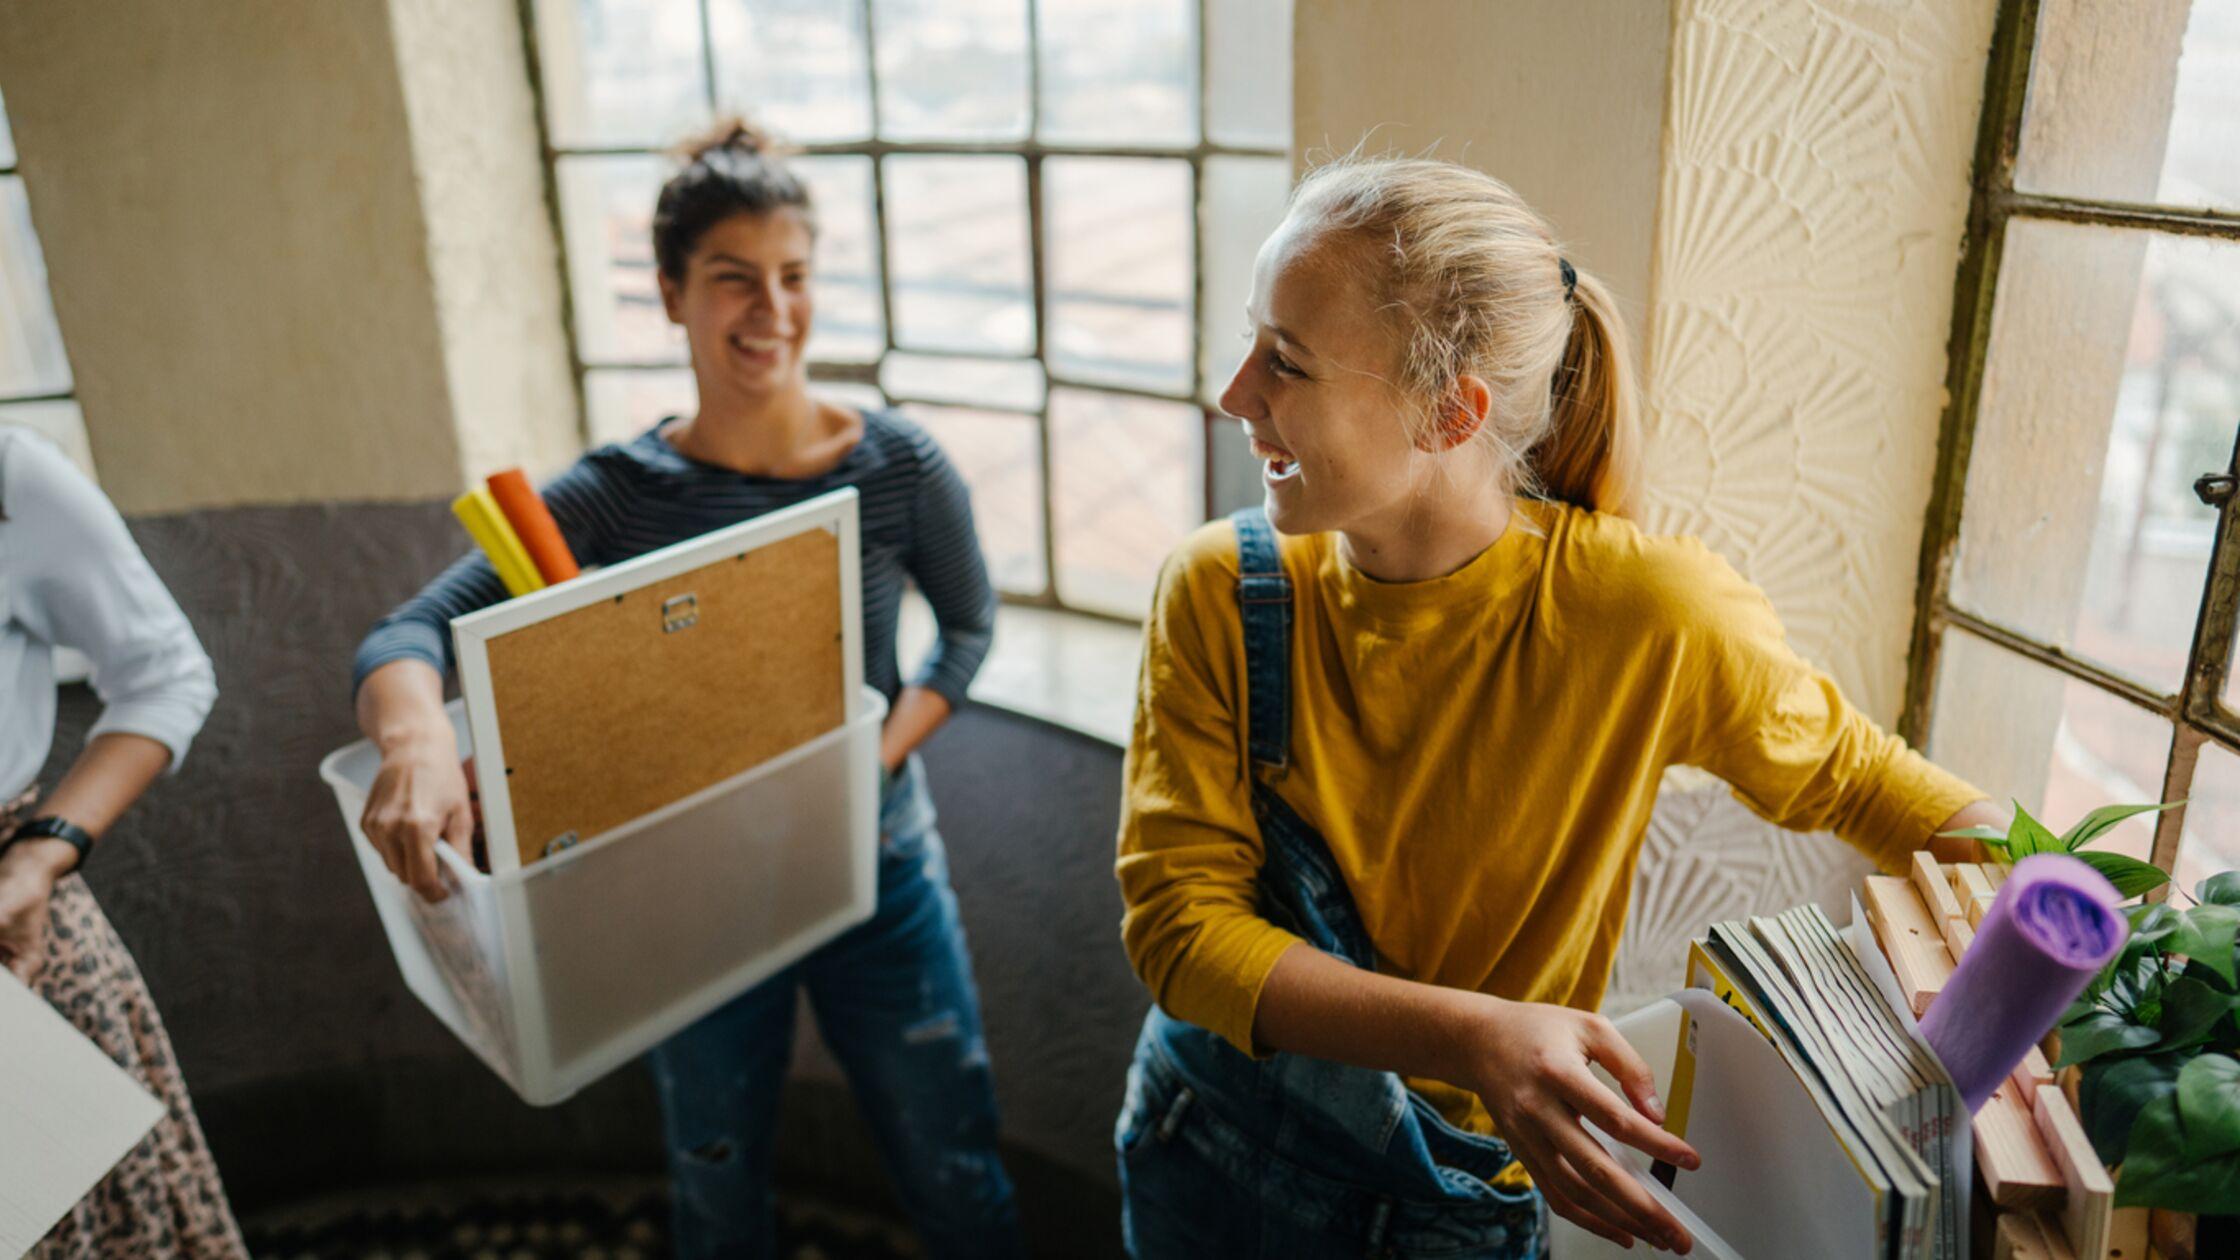 Umzugshelfer motivieren: 7 Tipps, wie Sie am Umzugstag für beste Laune sorgen